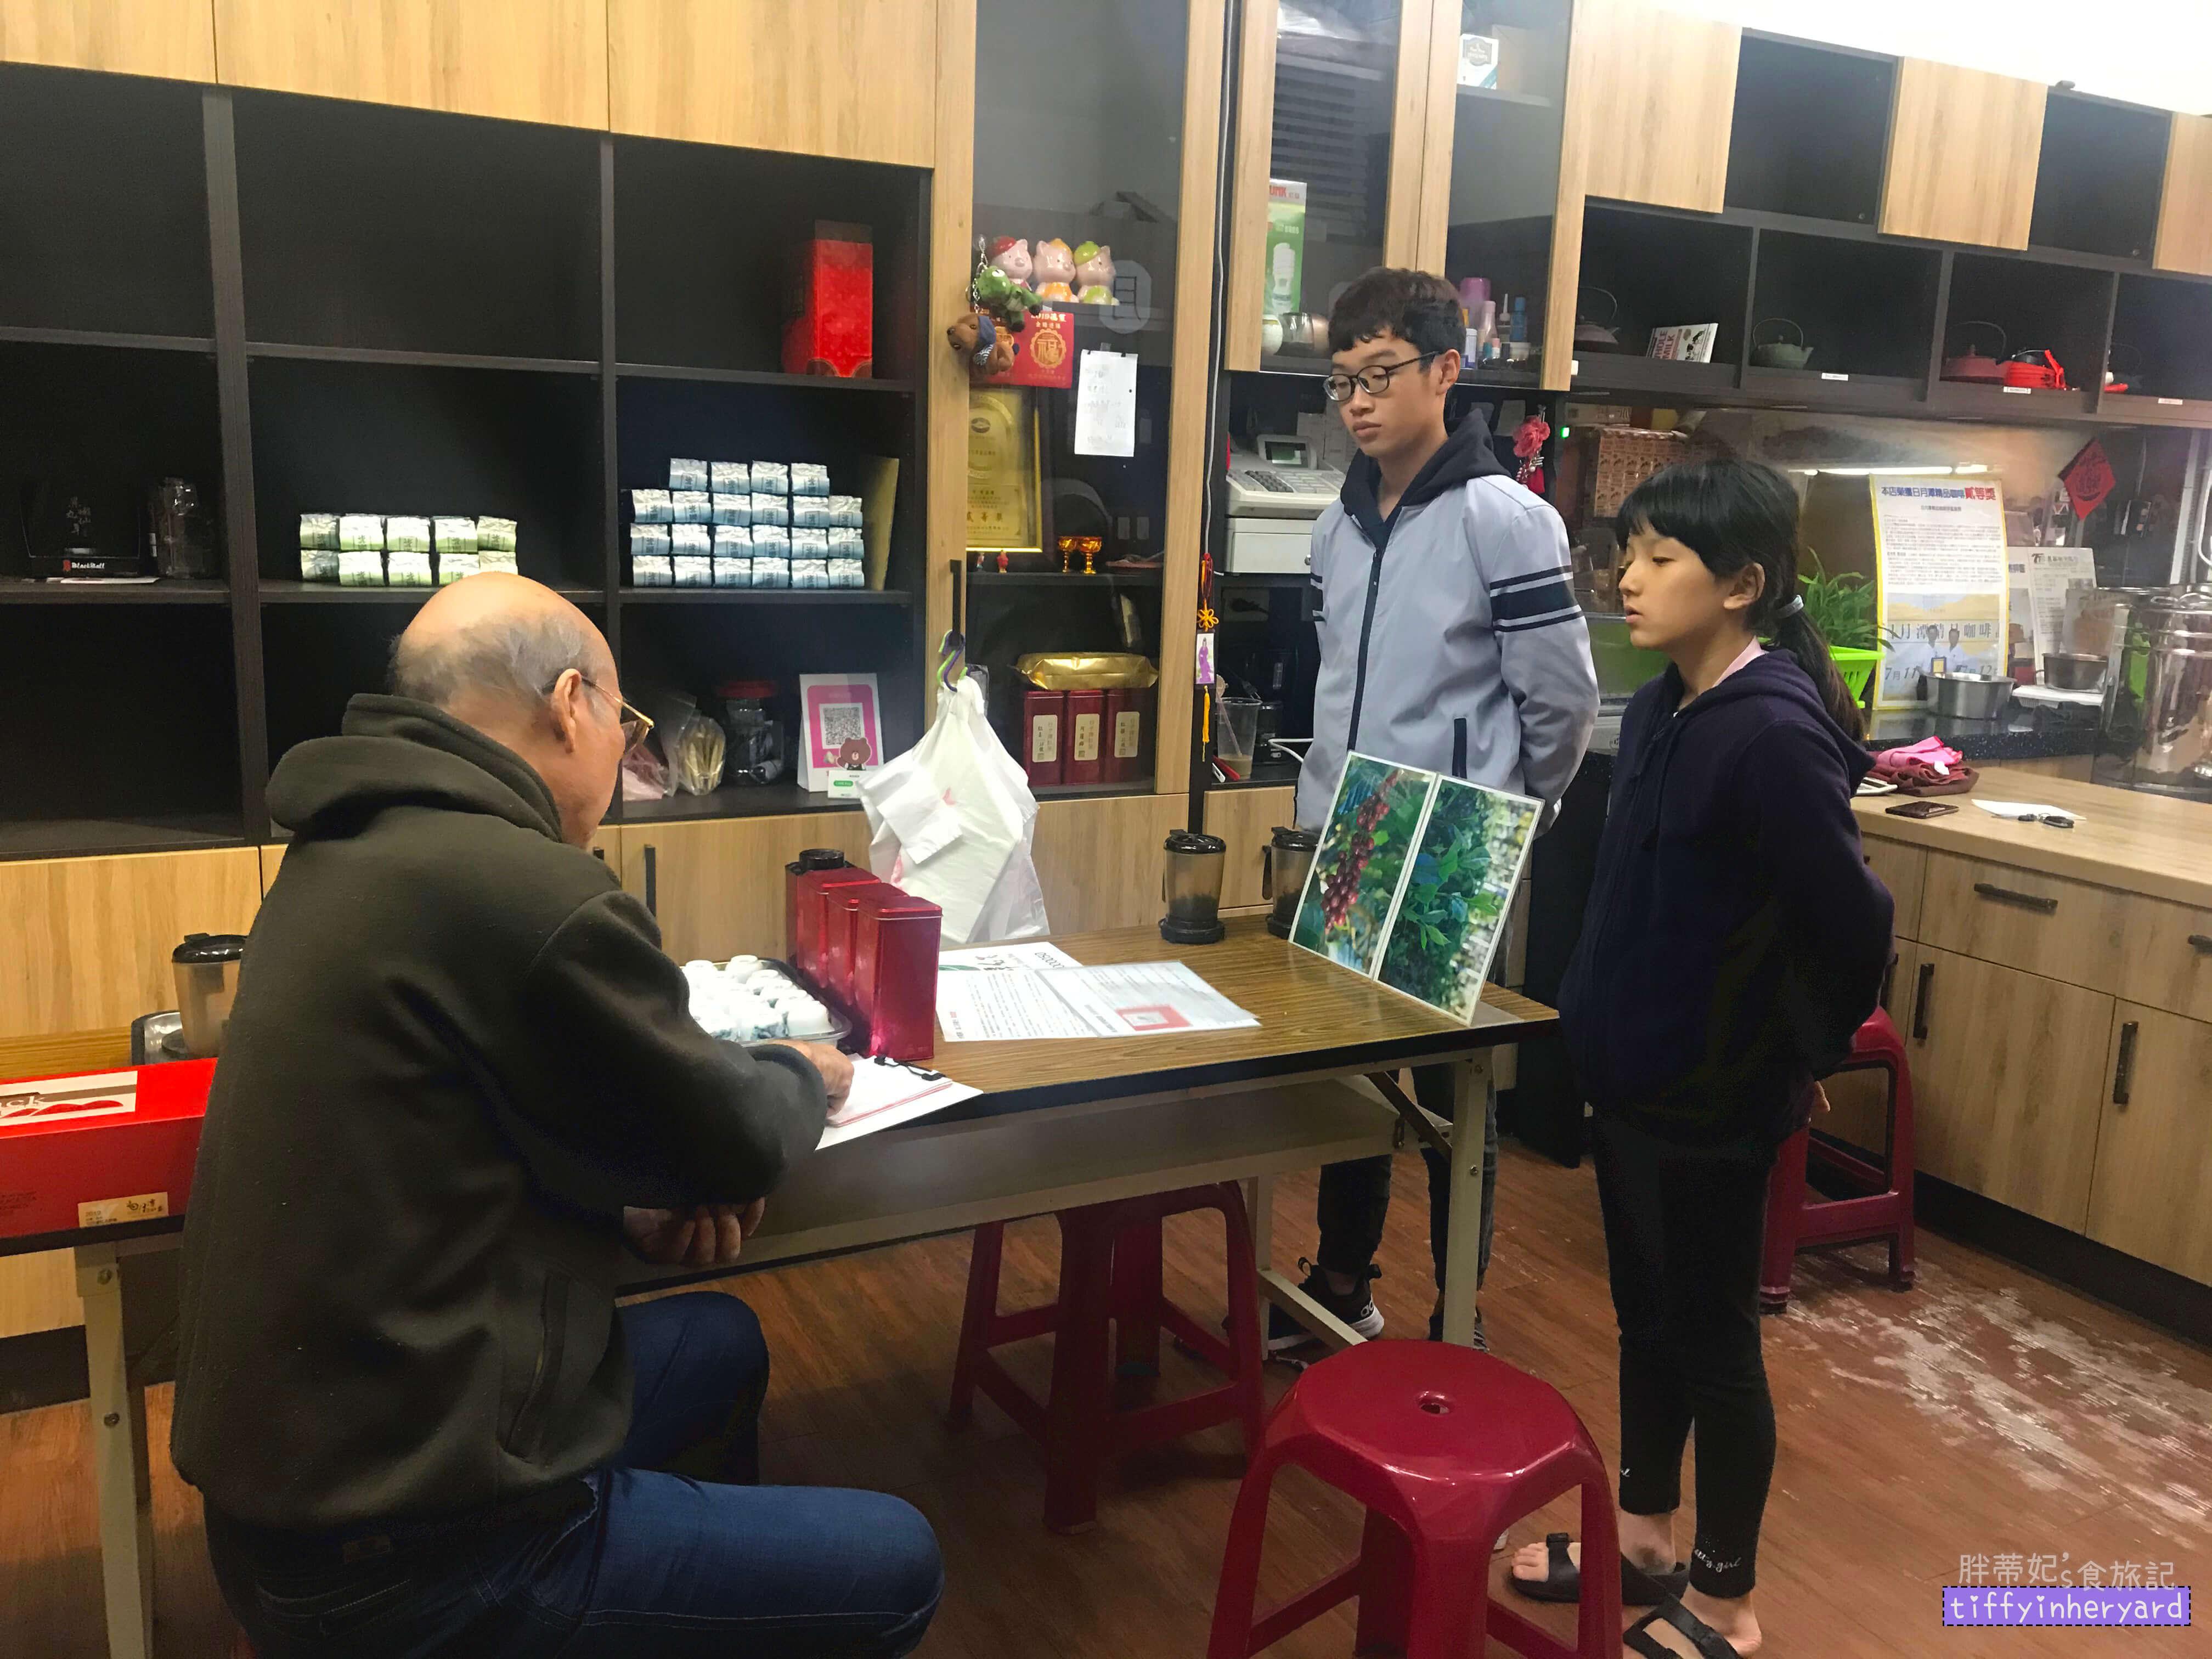 香滿村茶行 小老闆們告訴我們紅茶的始源